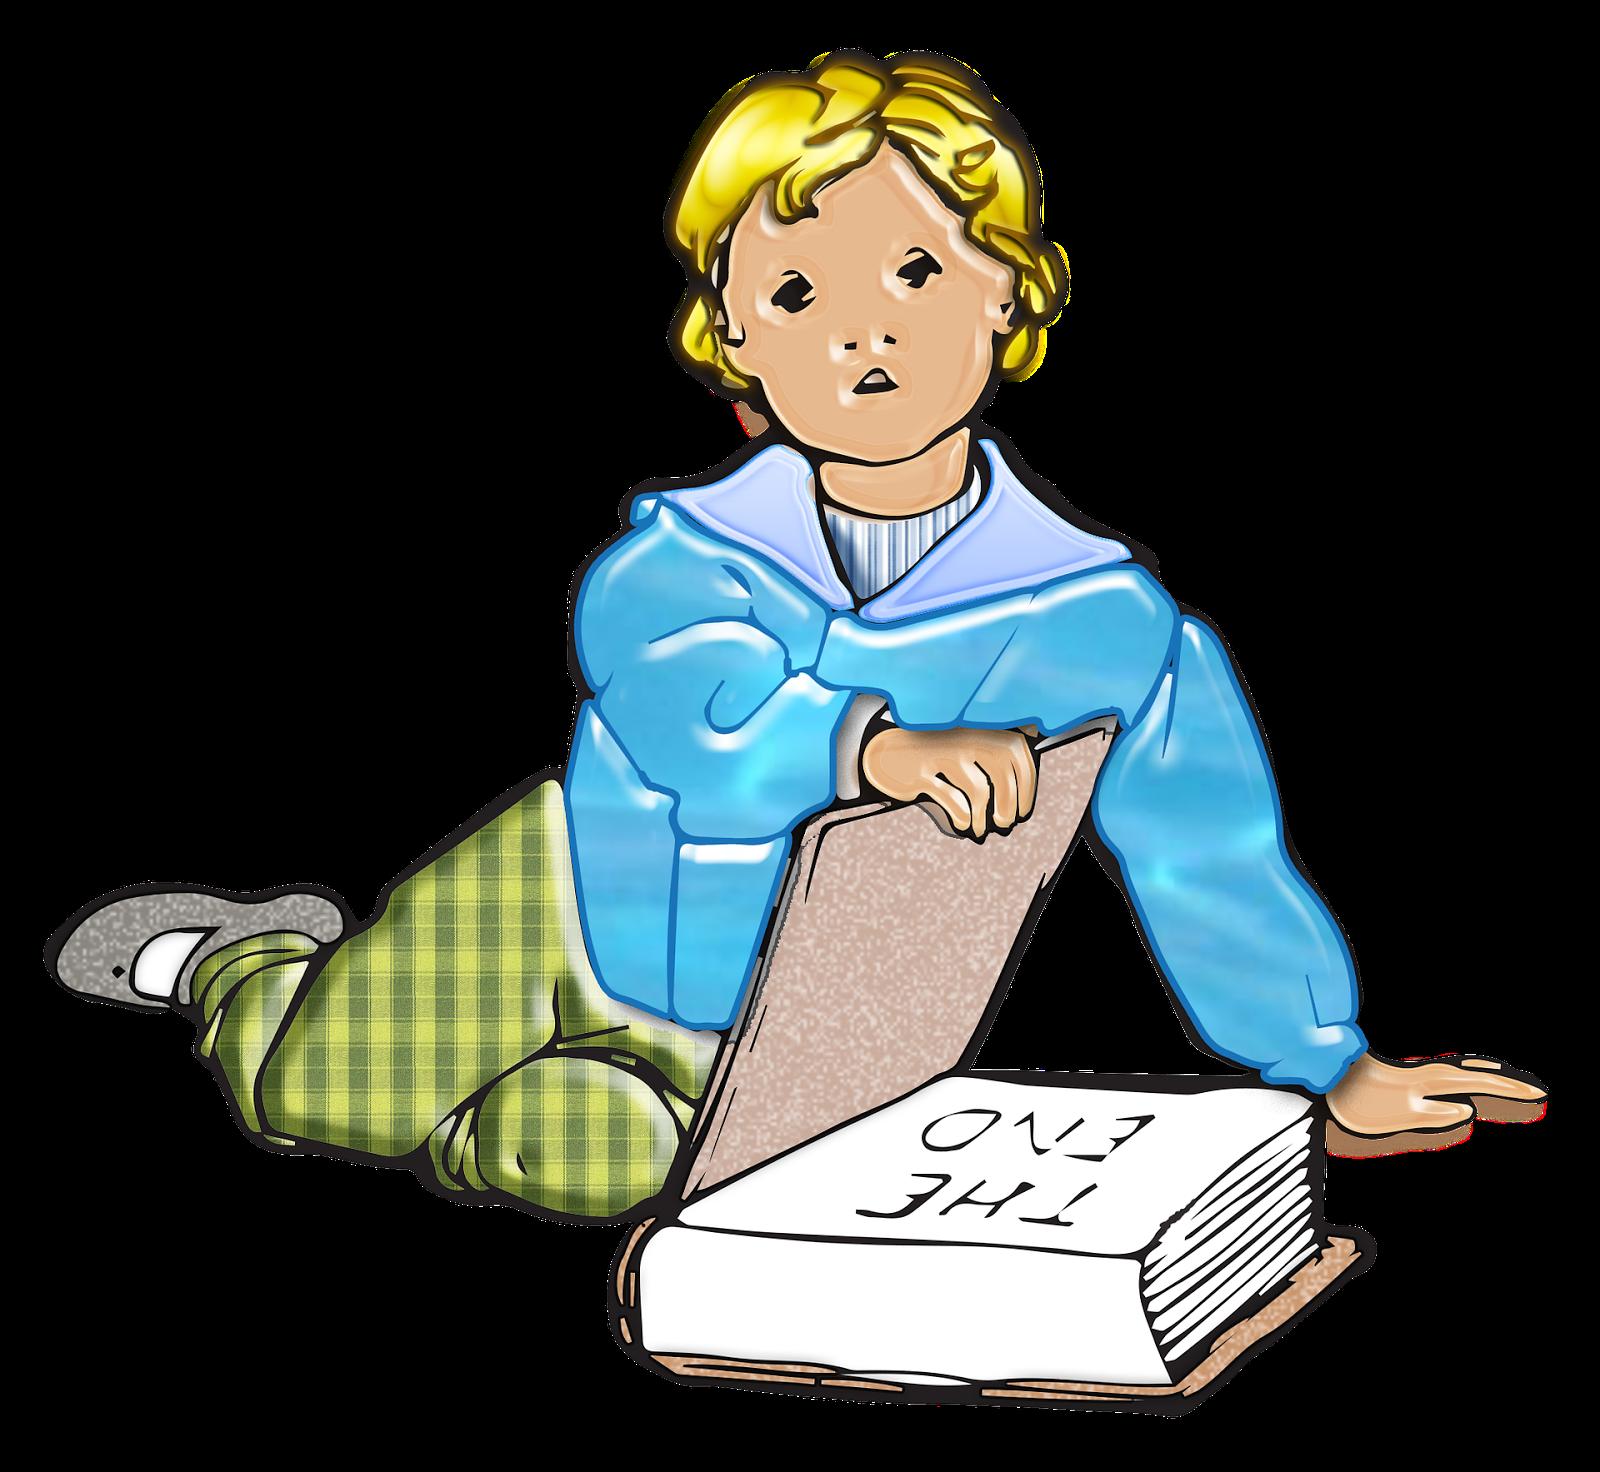 Wzbudzaj w dziecku miłość do książek!